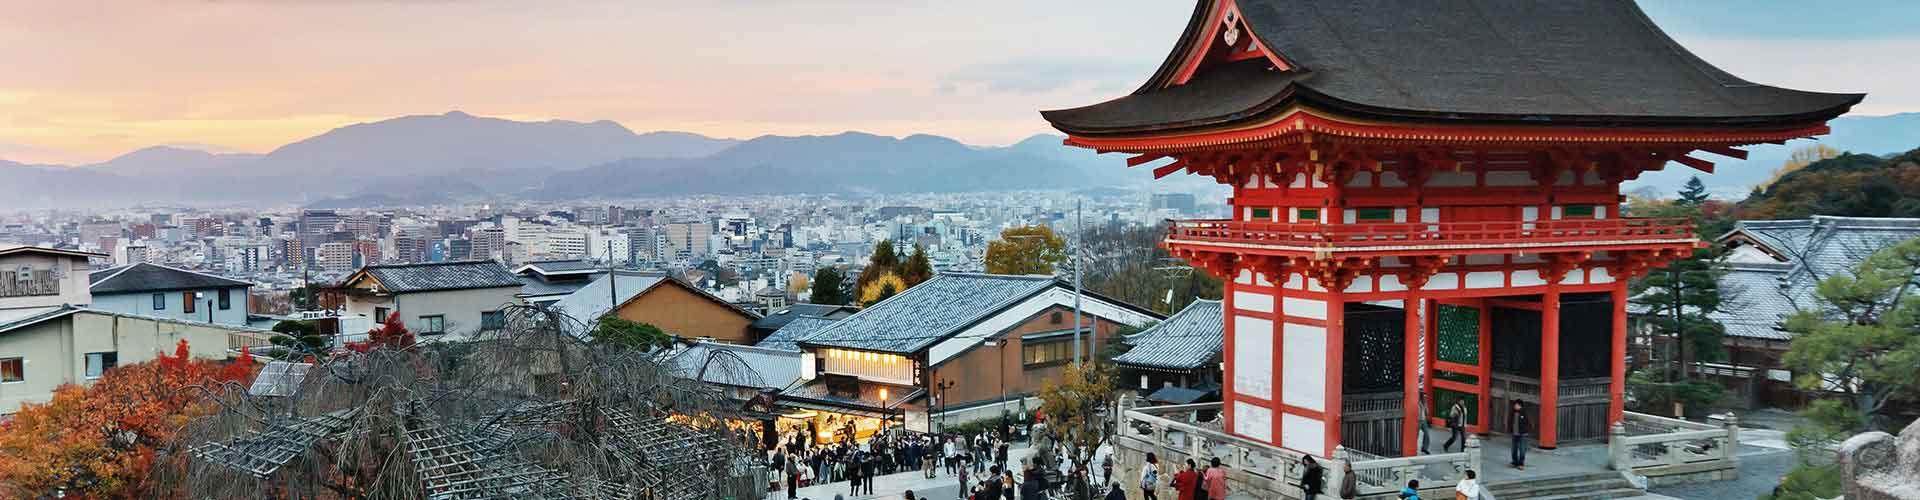 Kyoto - Auberges de jeunesse à Kyoto. Cartes pour Kyoto, photos et commentaires pour chaque auberge de jeunesse à Kyoto.